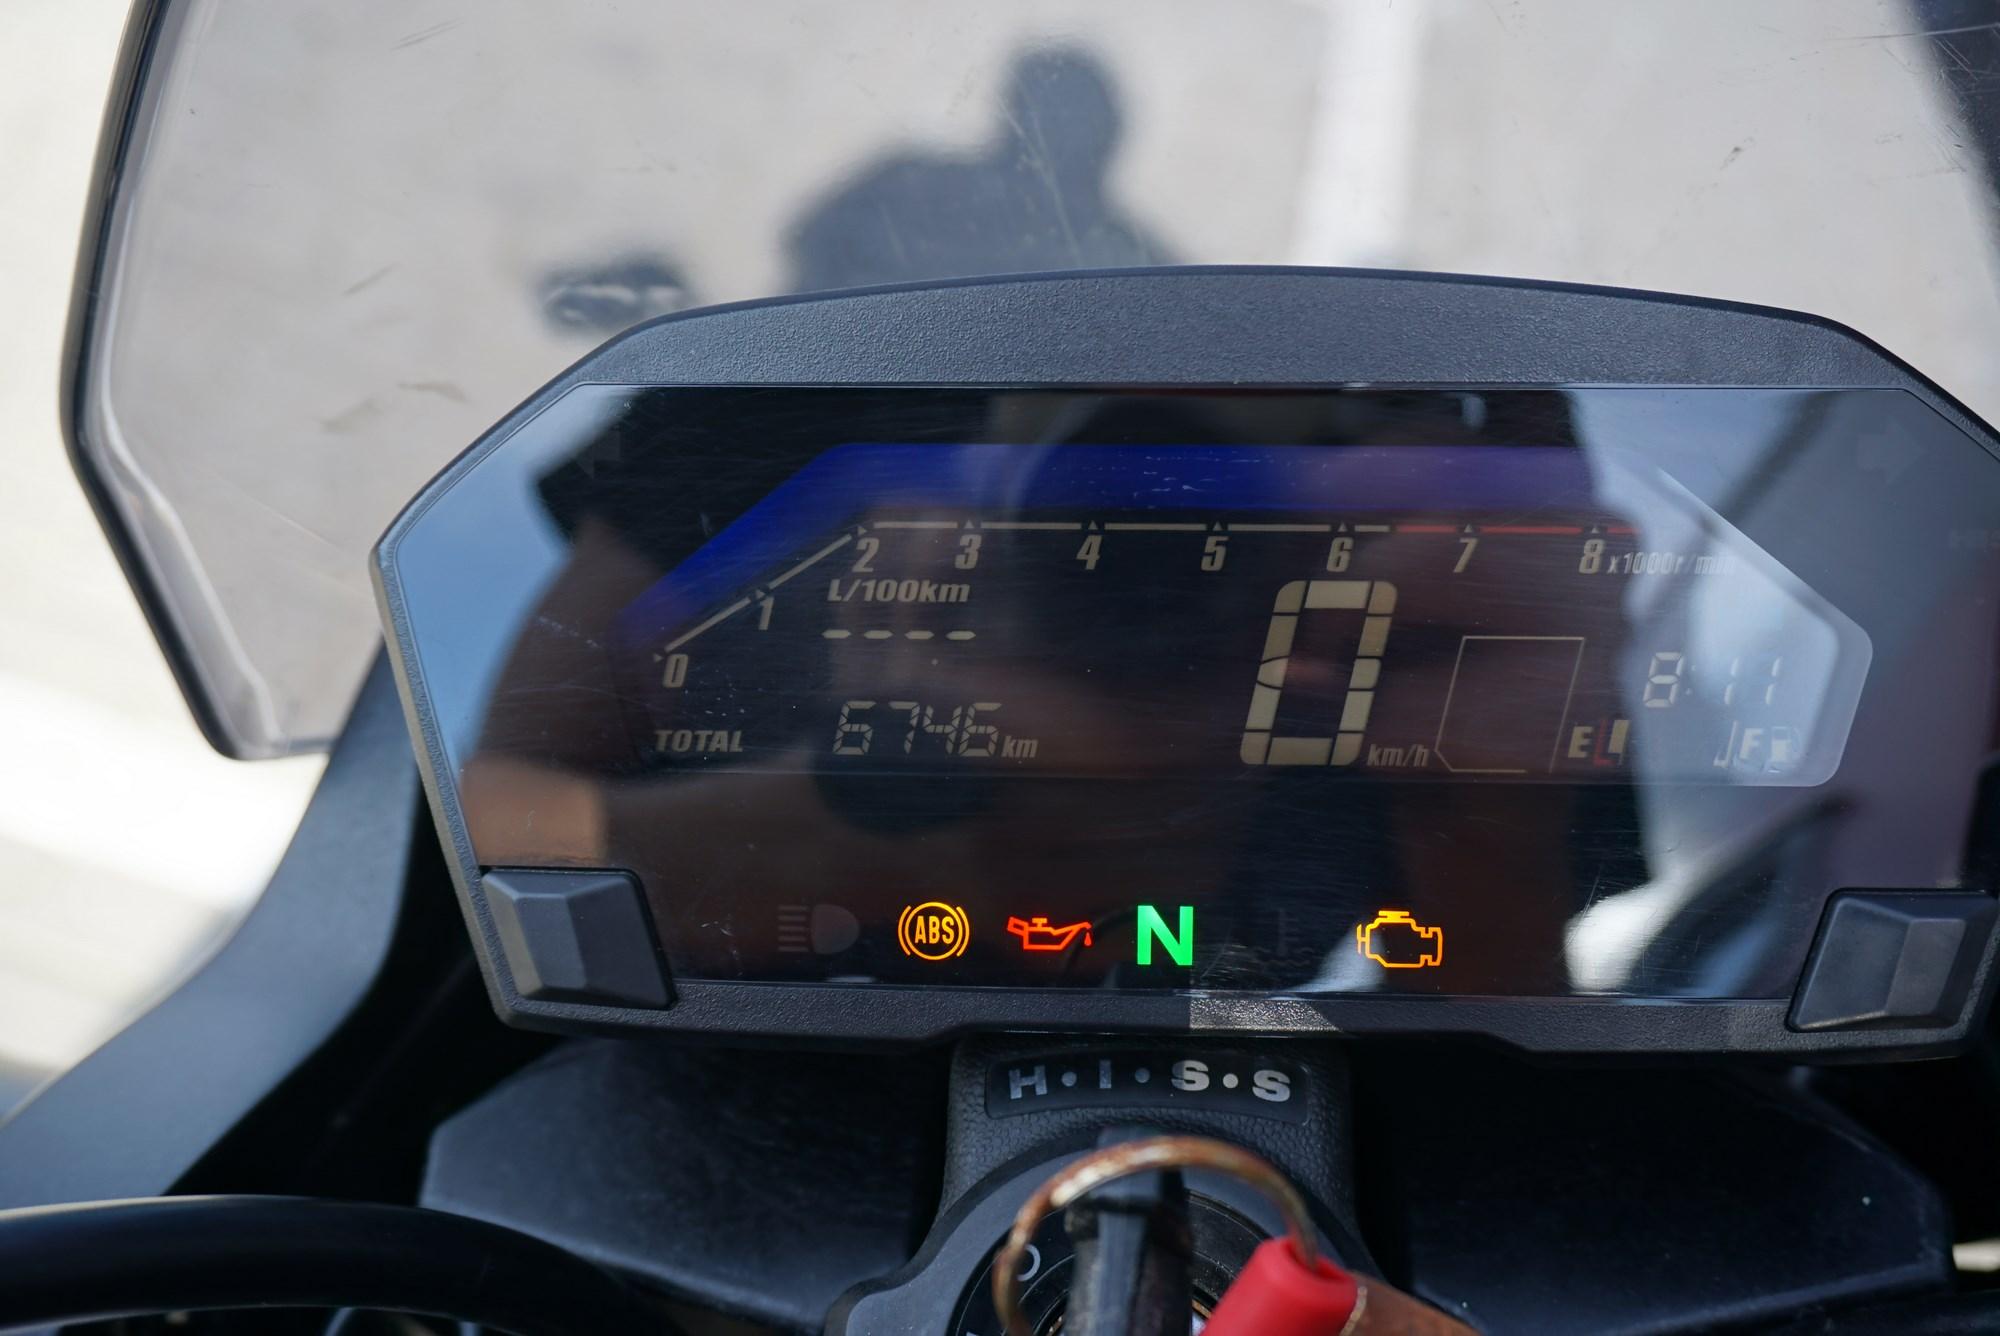 Honda NC 750 S